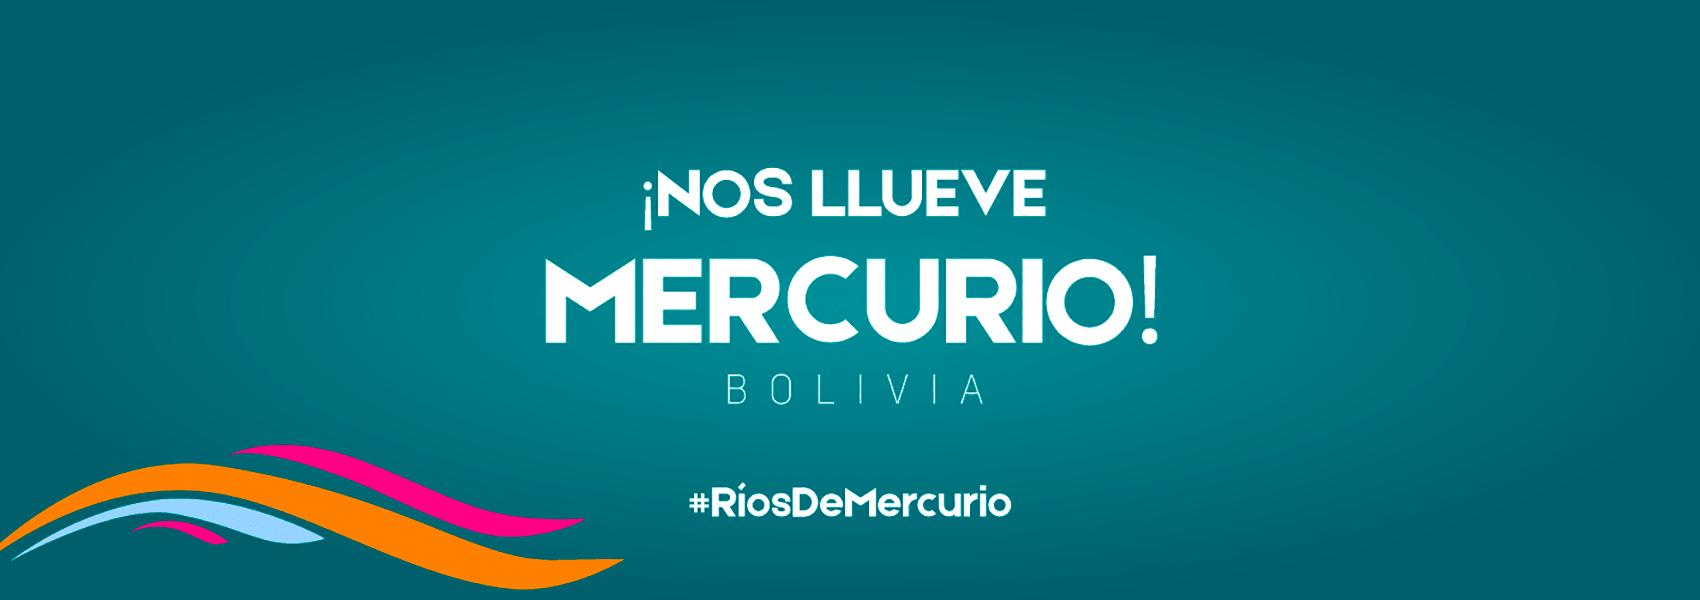 Ríos de mercurio: Contaminación en Bolivia